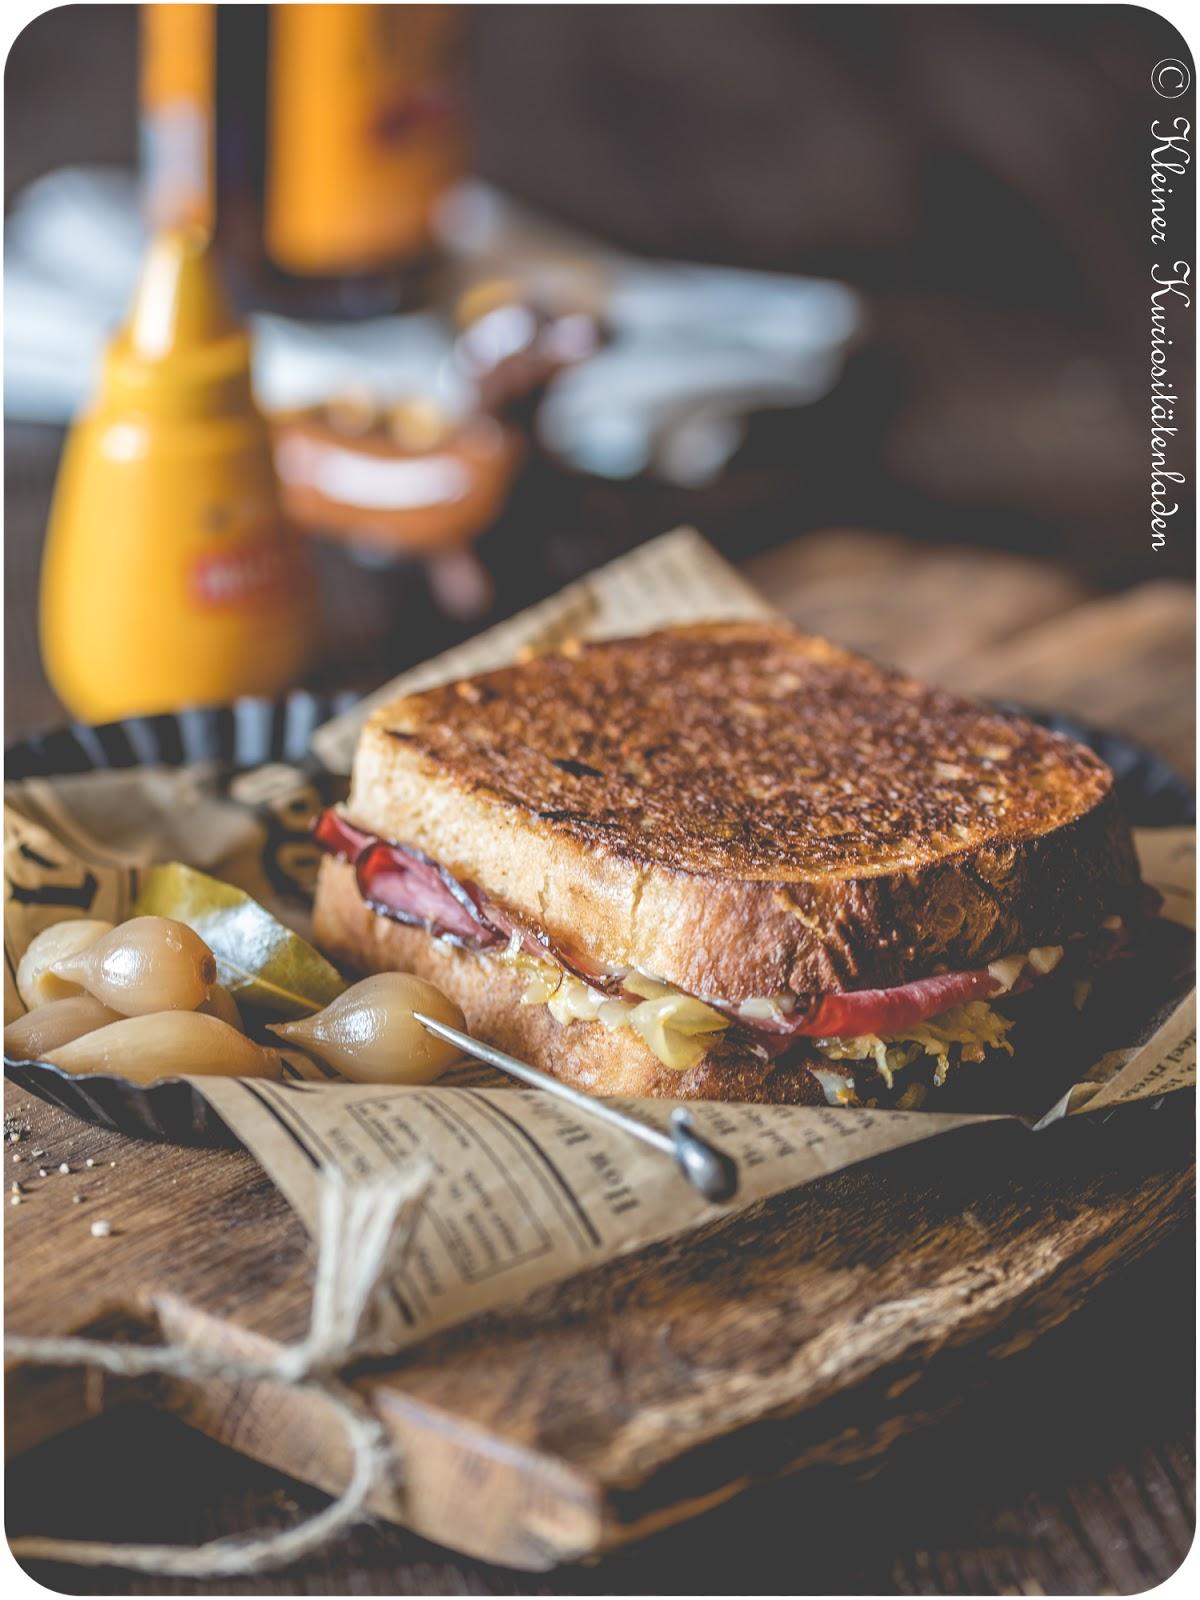 Pastrami on Rye, Reuben Sandwich - von Allem ein bisschen